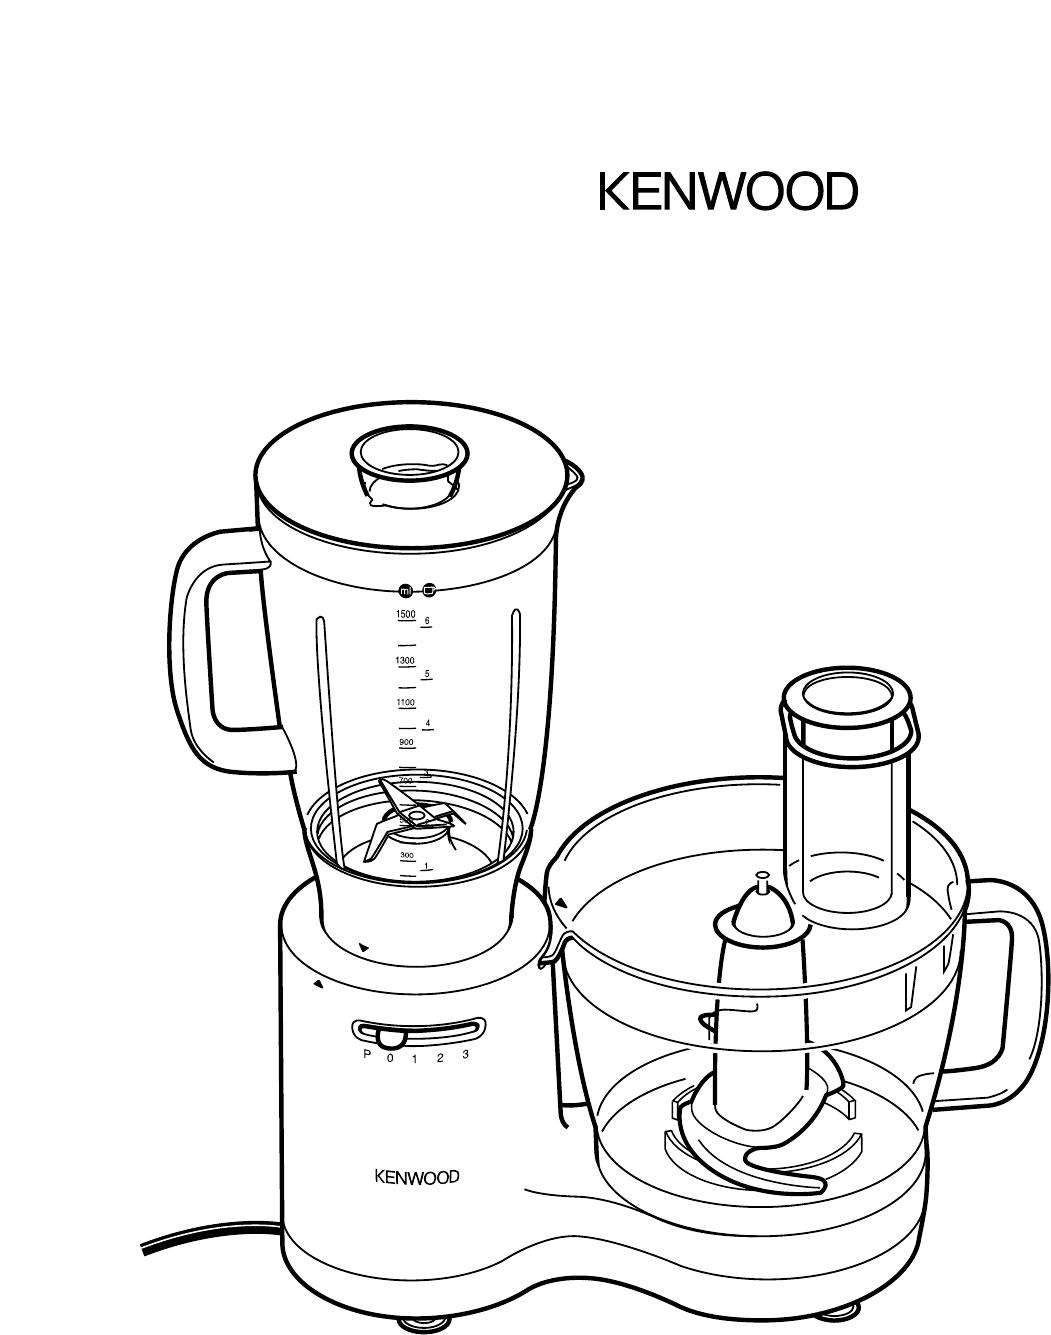 1051x1335 Kenwood Blender Fp520 Series User Guide